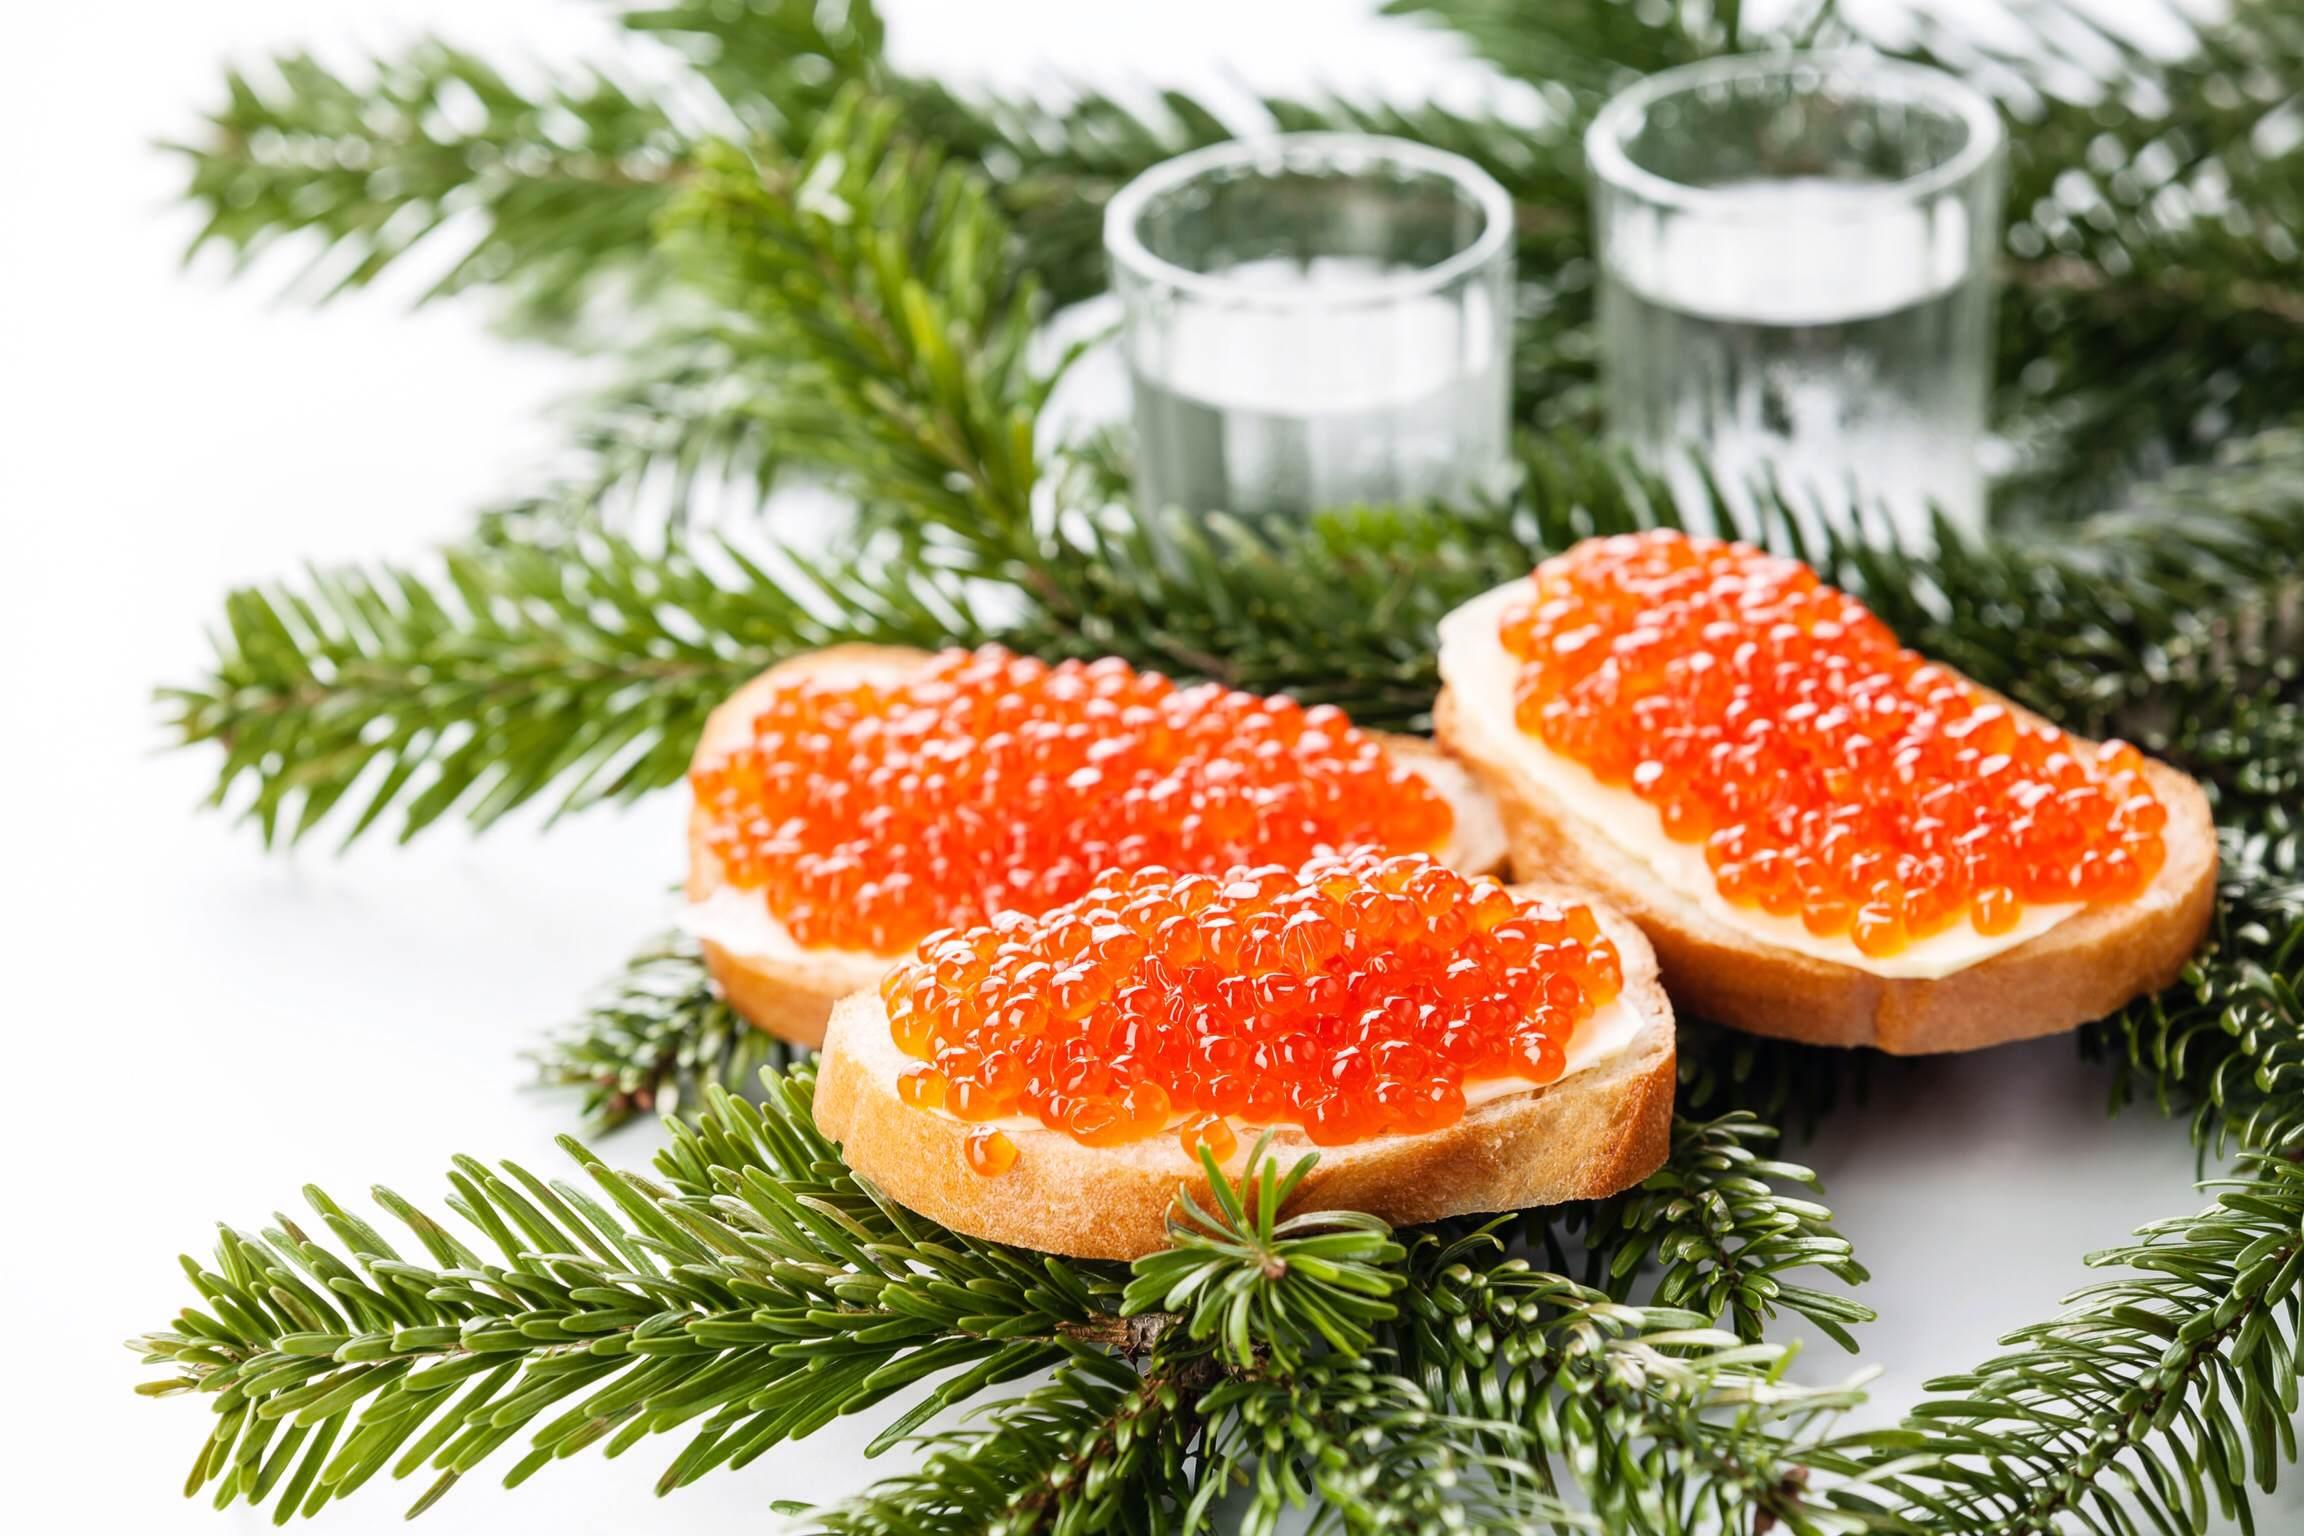 Caviar rojo o negro. Si optamos por caviar negro de esturión, la variedad más exquisita es el caviar gris o Beluga. El caviar se suele servir en finas rebanadas de pan blanco con mantequilla. Si el caviar se sirve como plato individual, el bol del caviar se sirve entre cubitos de hielo.